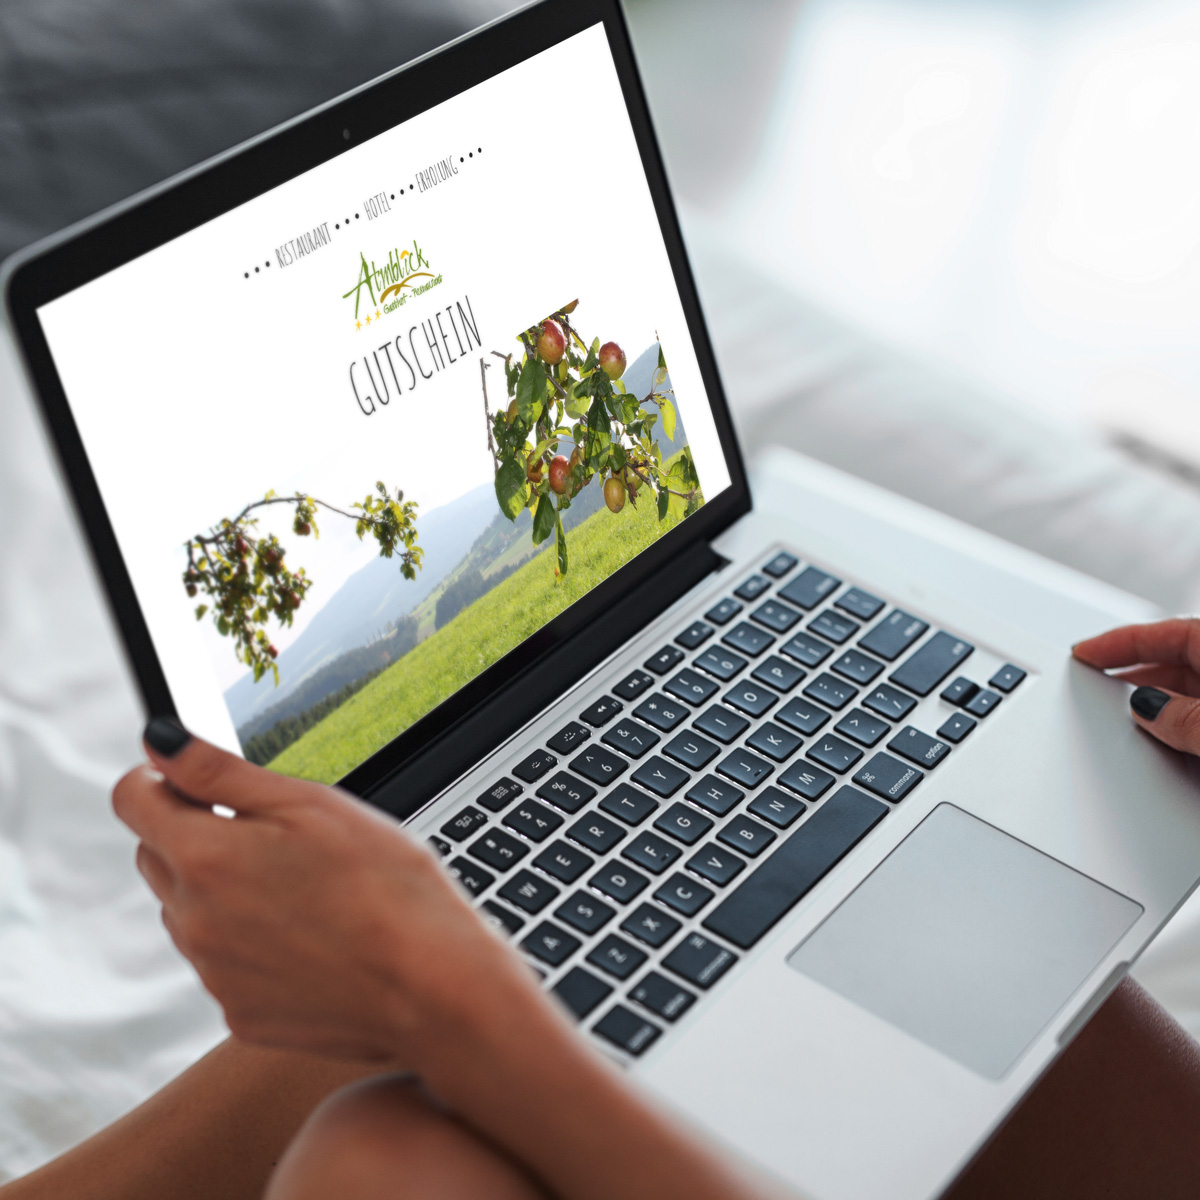 zum selber ausdrucken cool blogplaner pdf zum selbst ausdrucken with zum selber ausdrucken. Black Bedroom Furniture Sets. Home Design Ideas